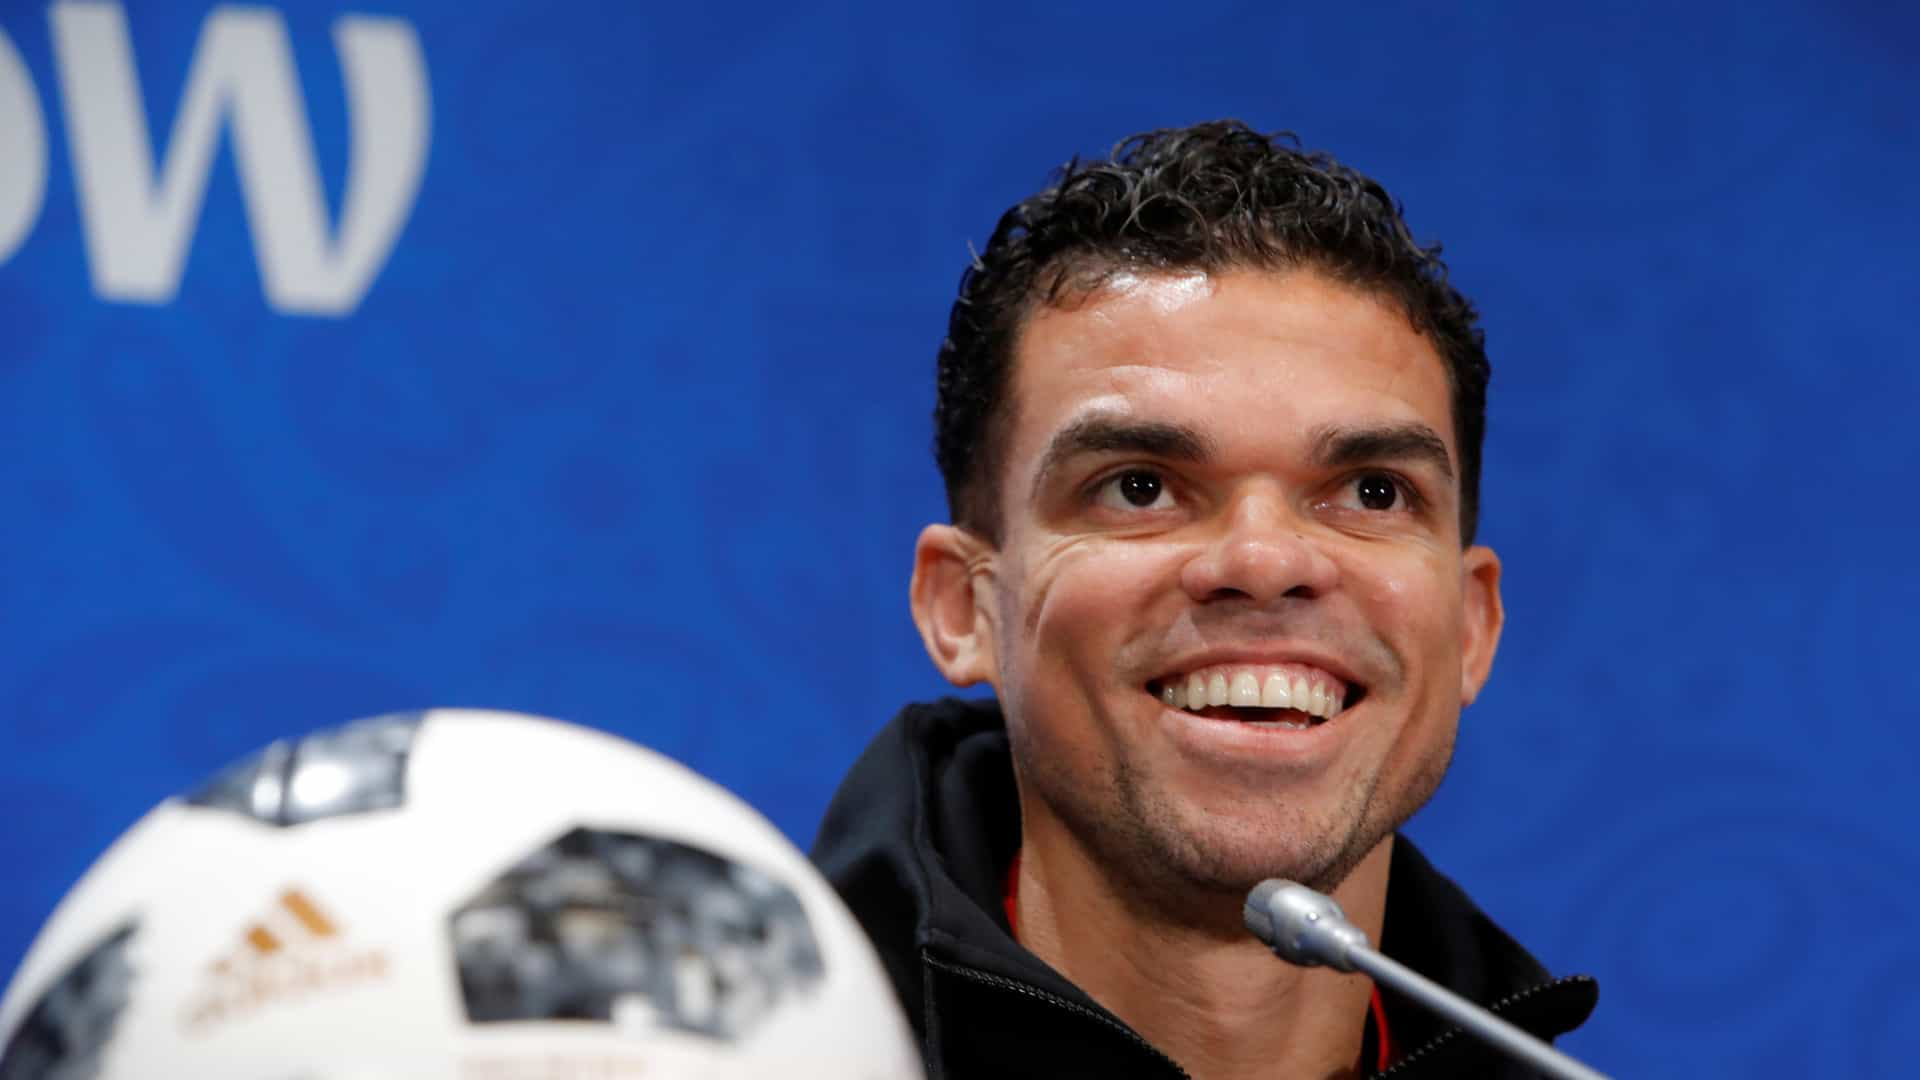 Pepe : Porto Bisa Kalahkan Liverpool